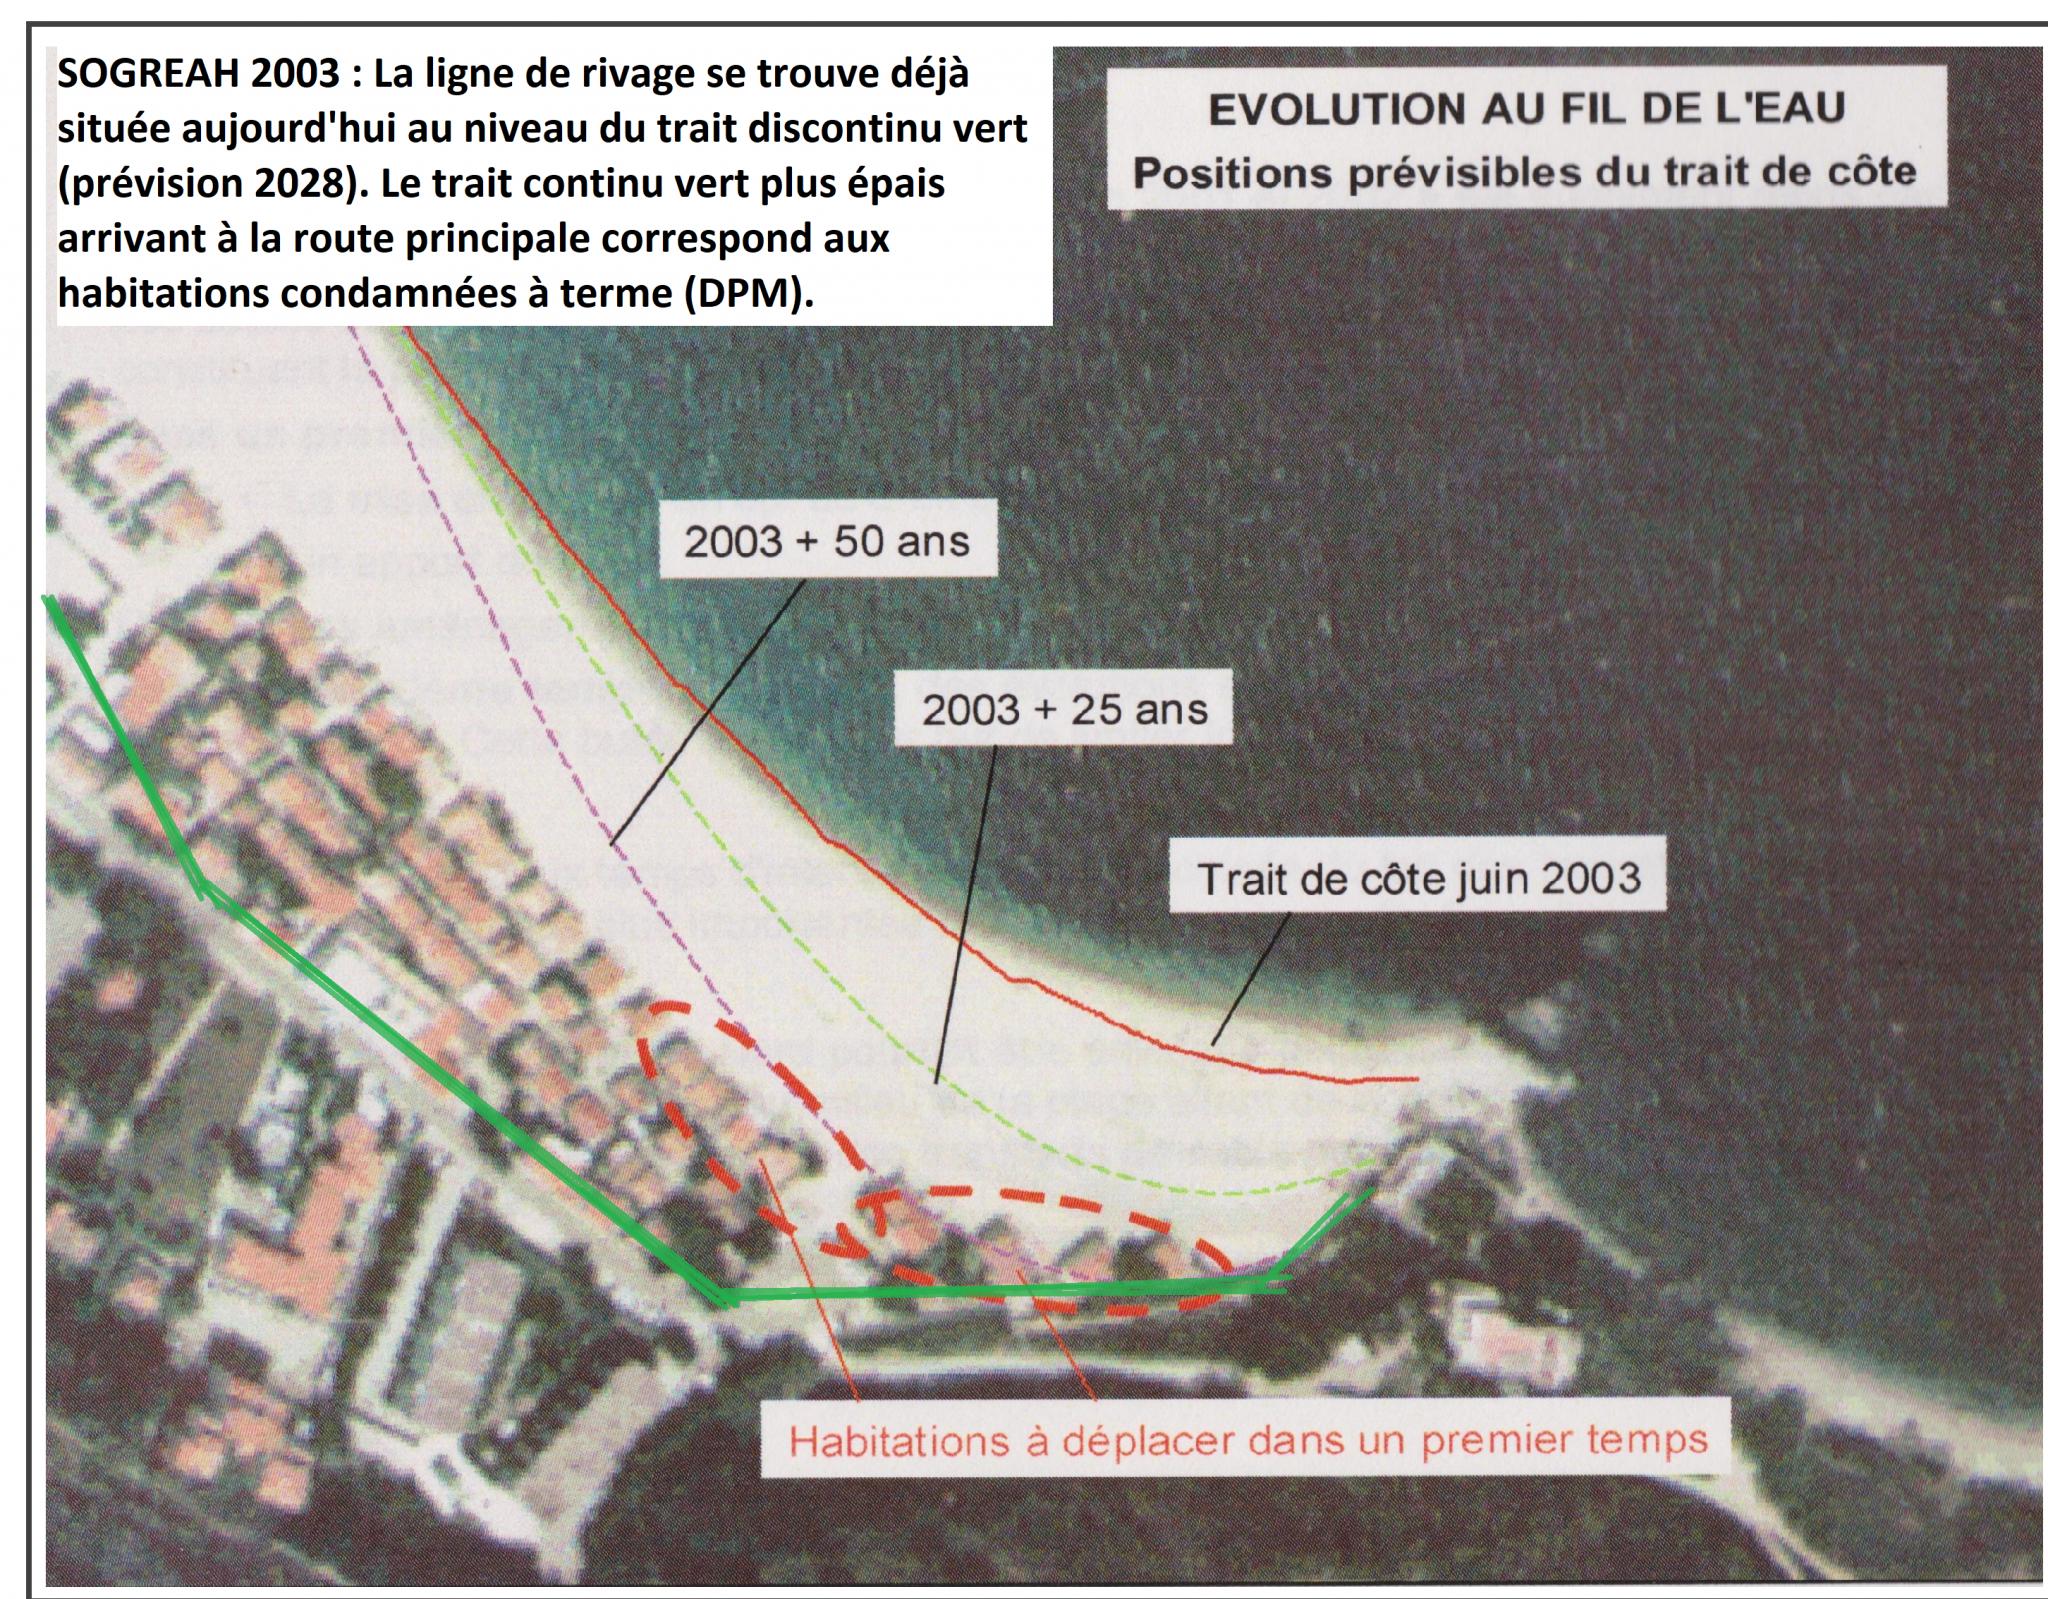 recul trait de cote sogreah 2003 2 - L'érosion du littoral au Racou